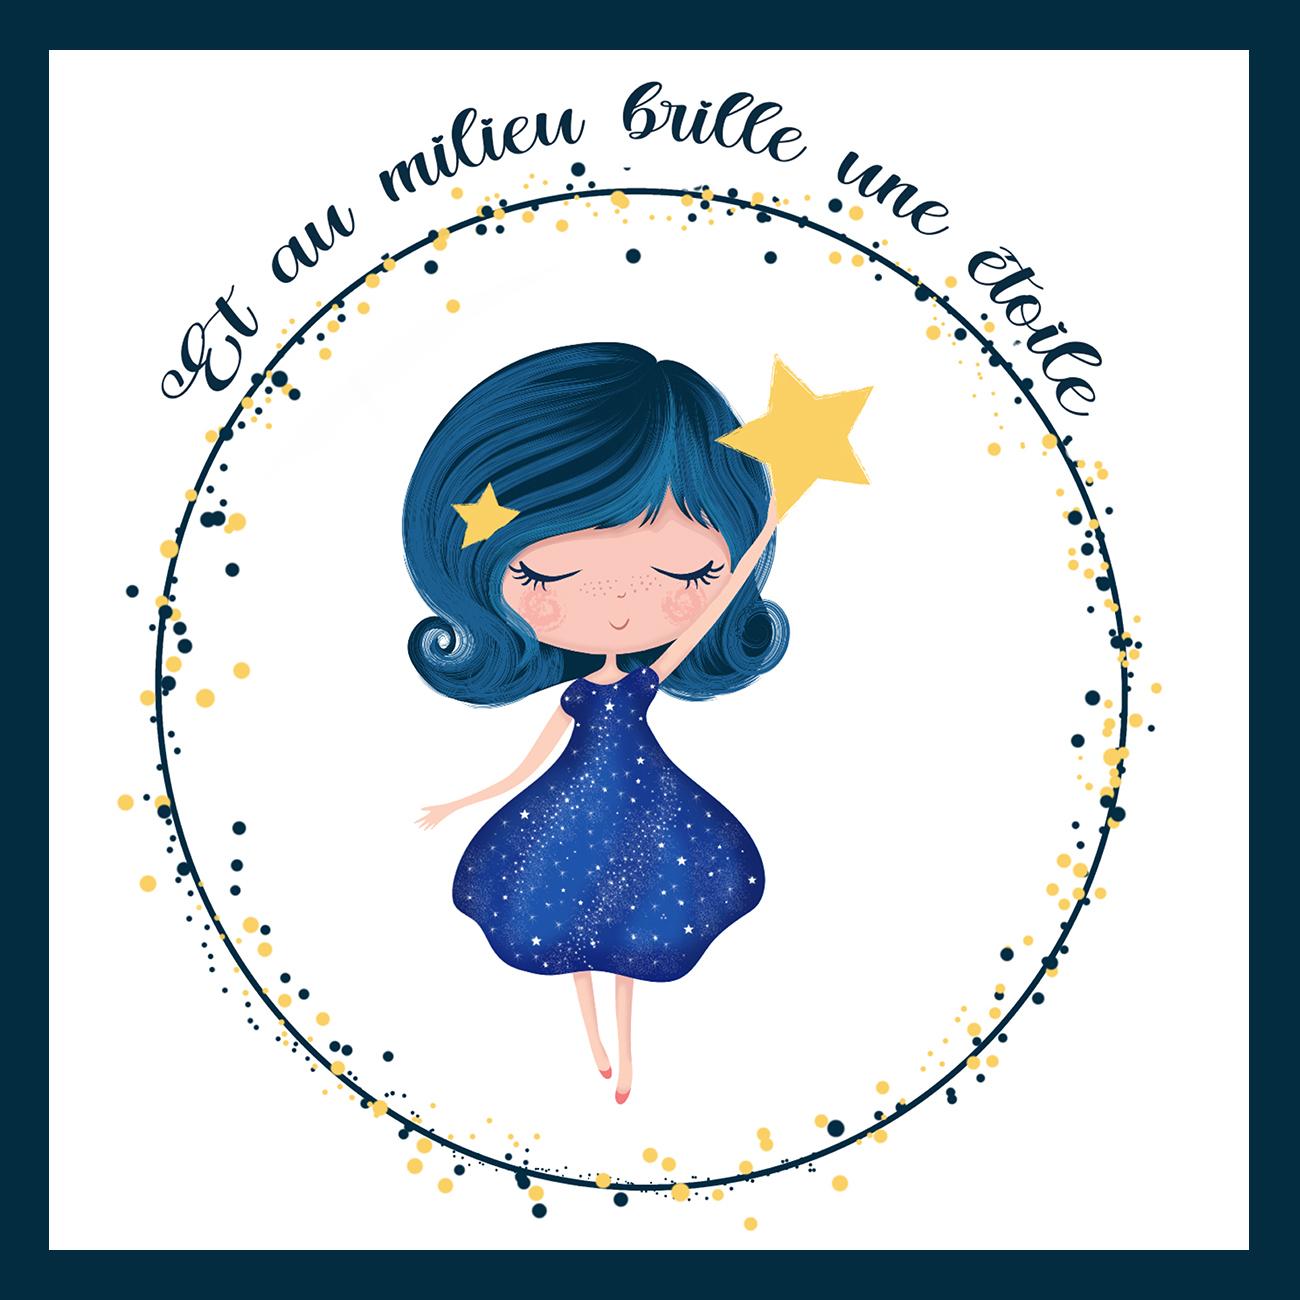 Et au milieu brille une étoile